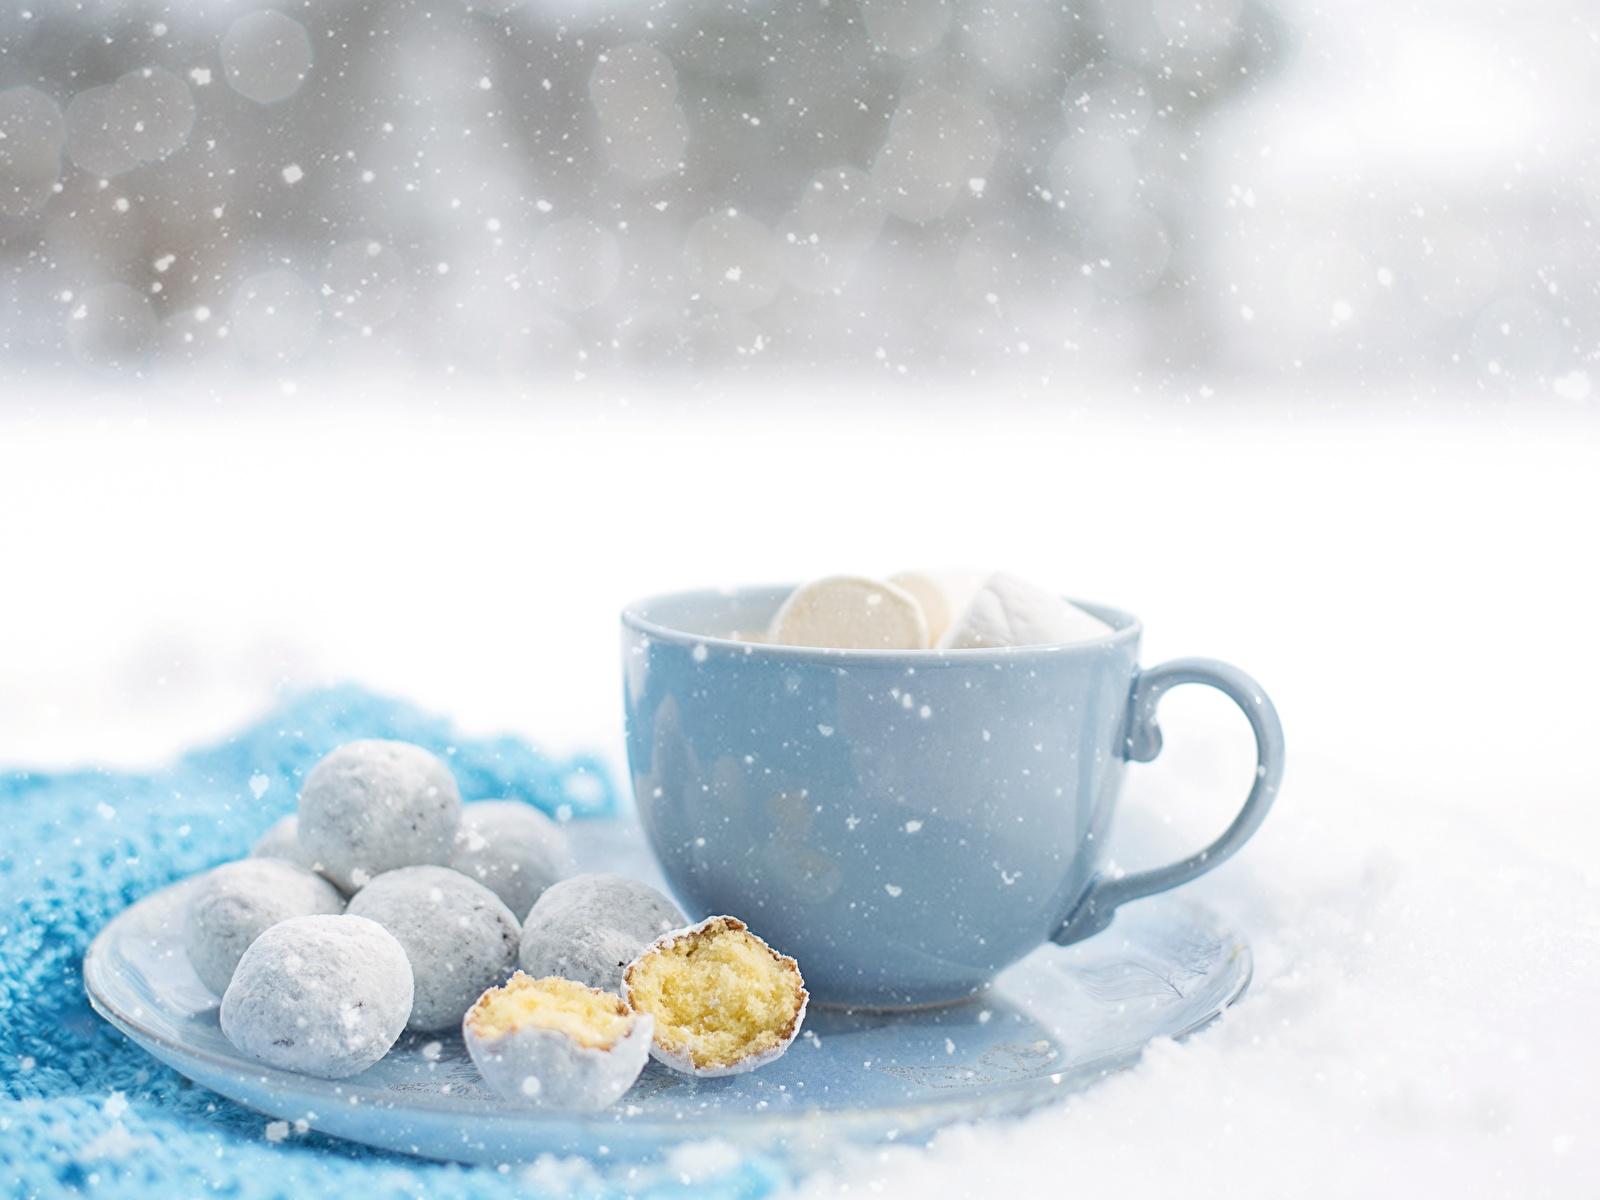 Картинка снежинка Еда чашке Печенье 1600x1200 Снежинки Пища Чашка Продукты питания